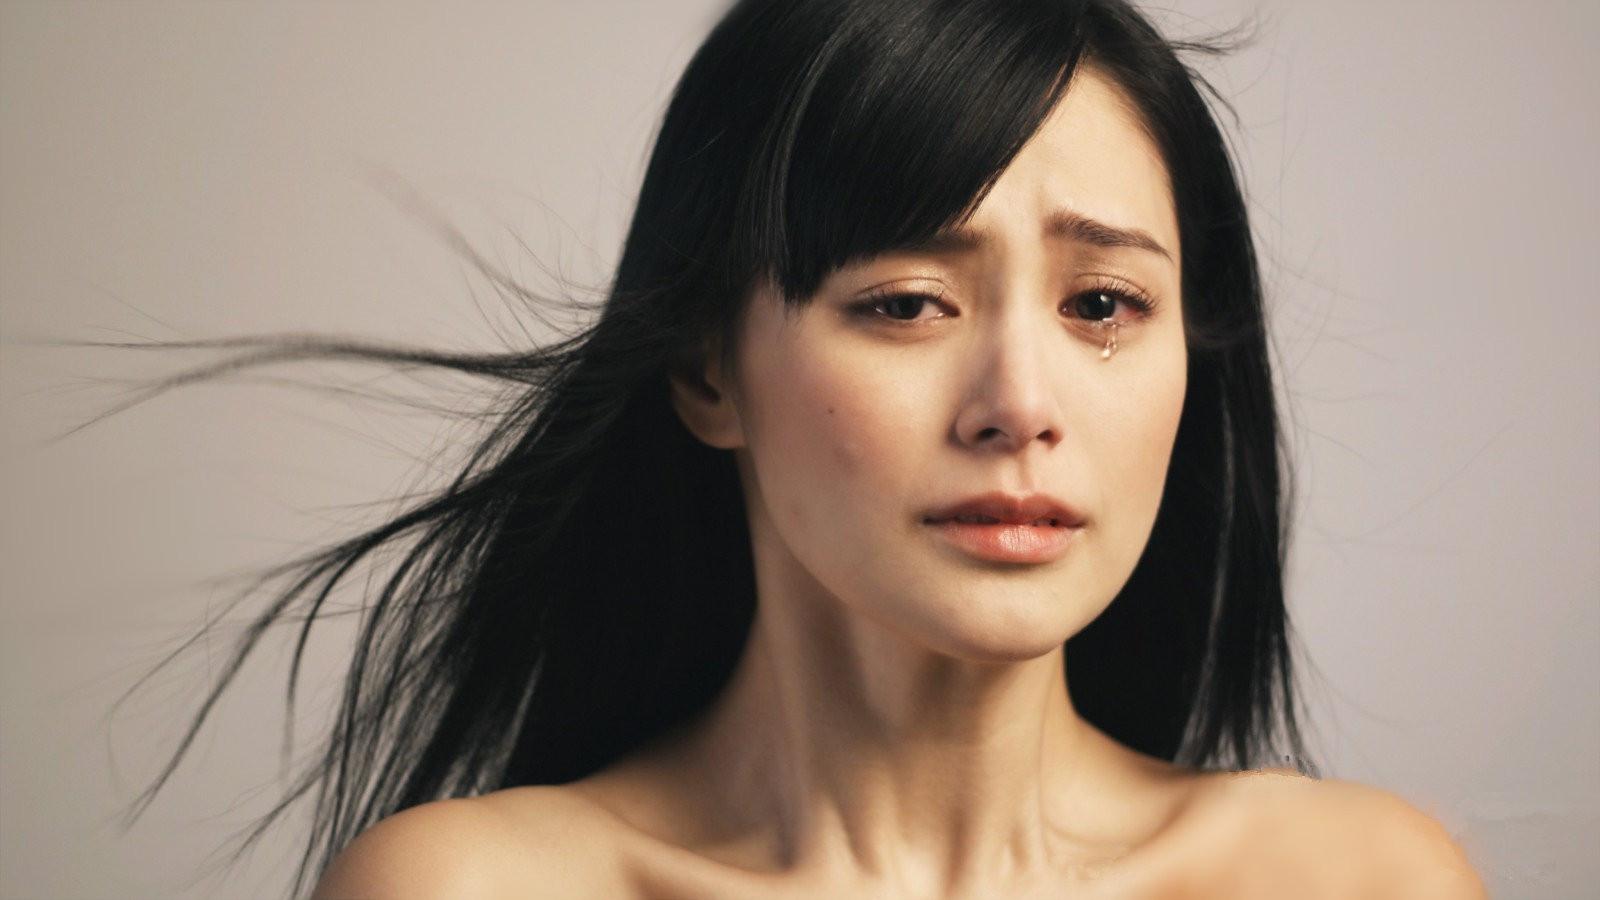 陈冠希艳门事件女主角_Facebook 喊用户主动上传裸照,为了不让你成为「艳照门」主角